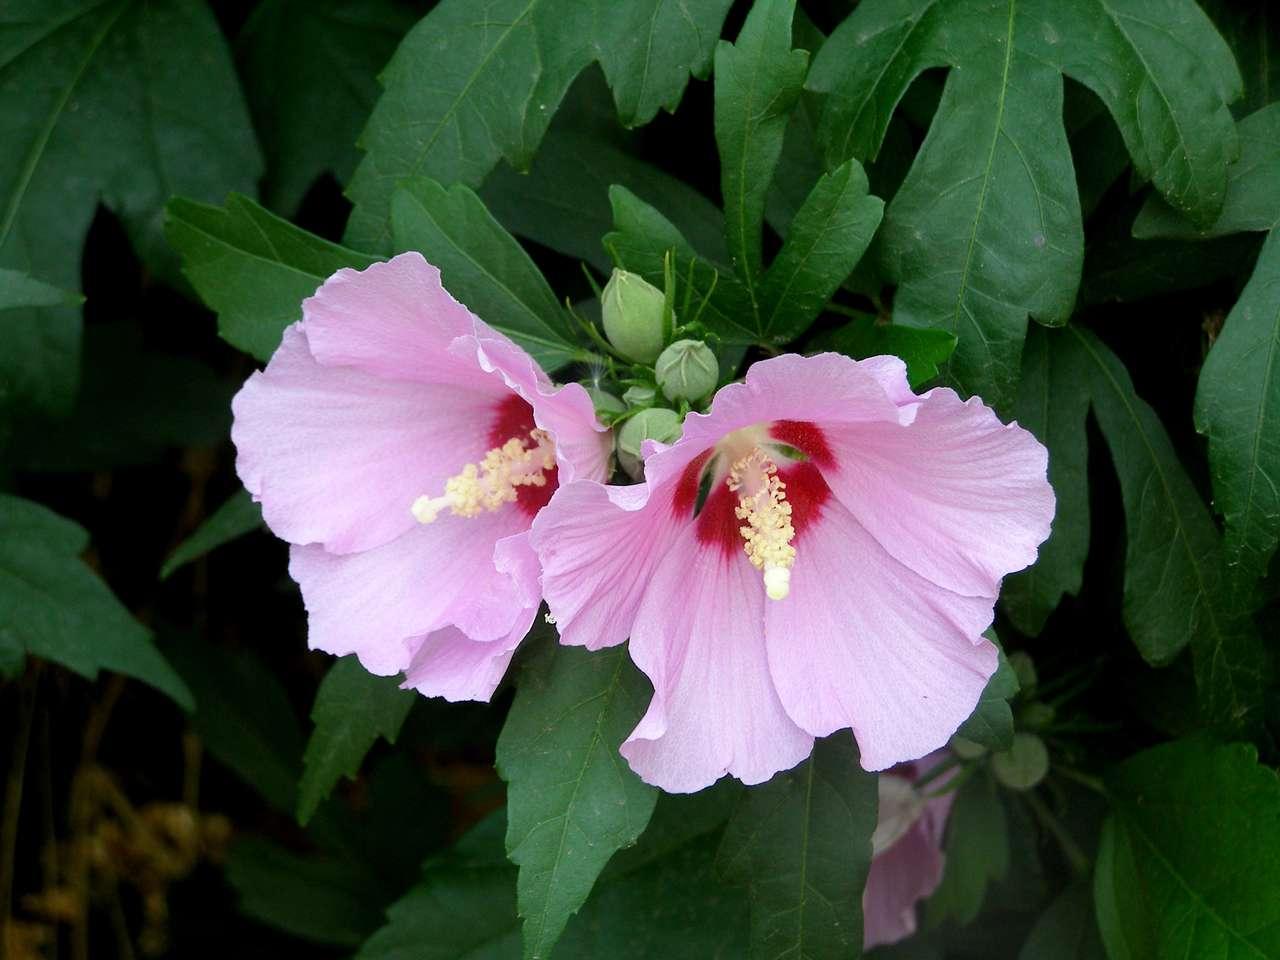 Linda malva - Flor de malva com centro rosa (12×9)